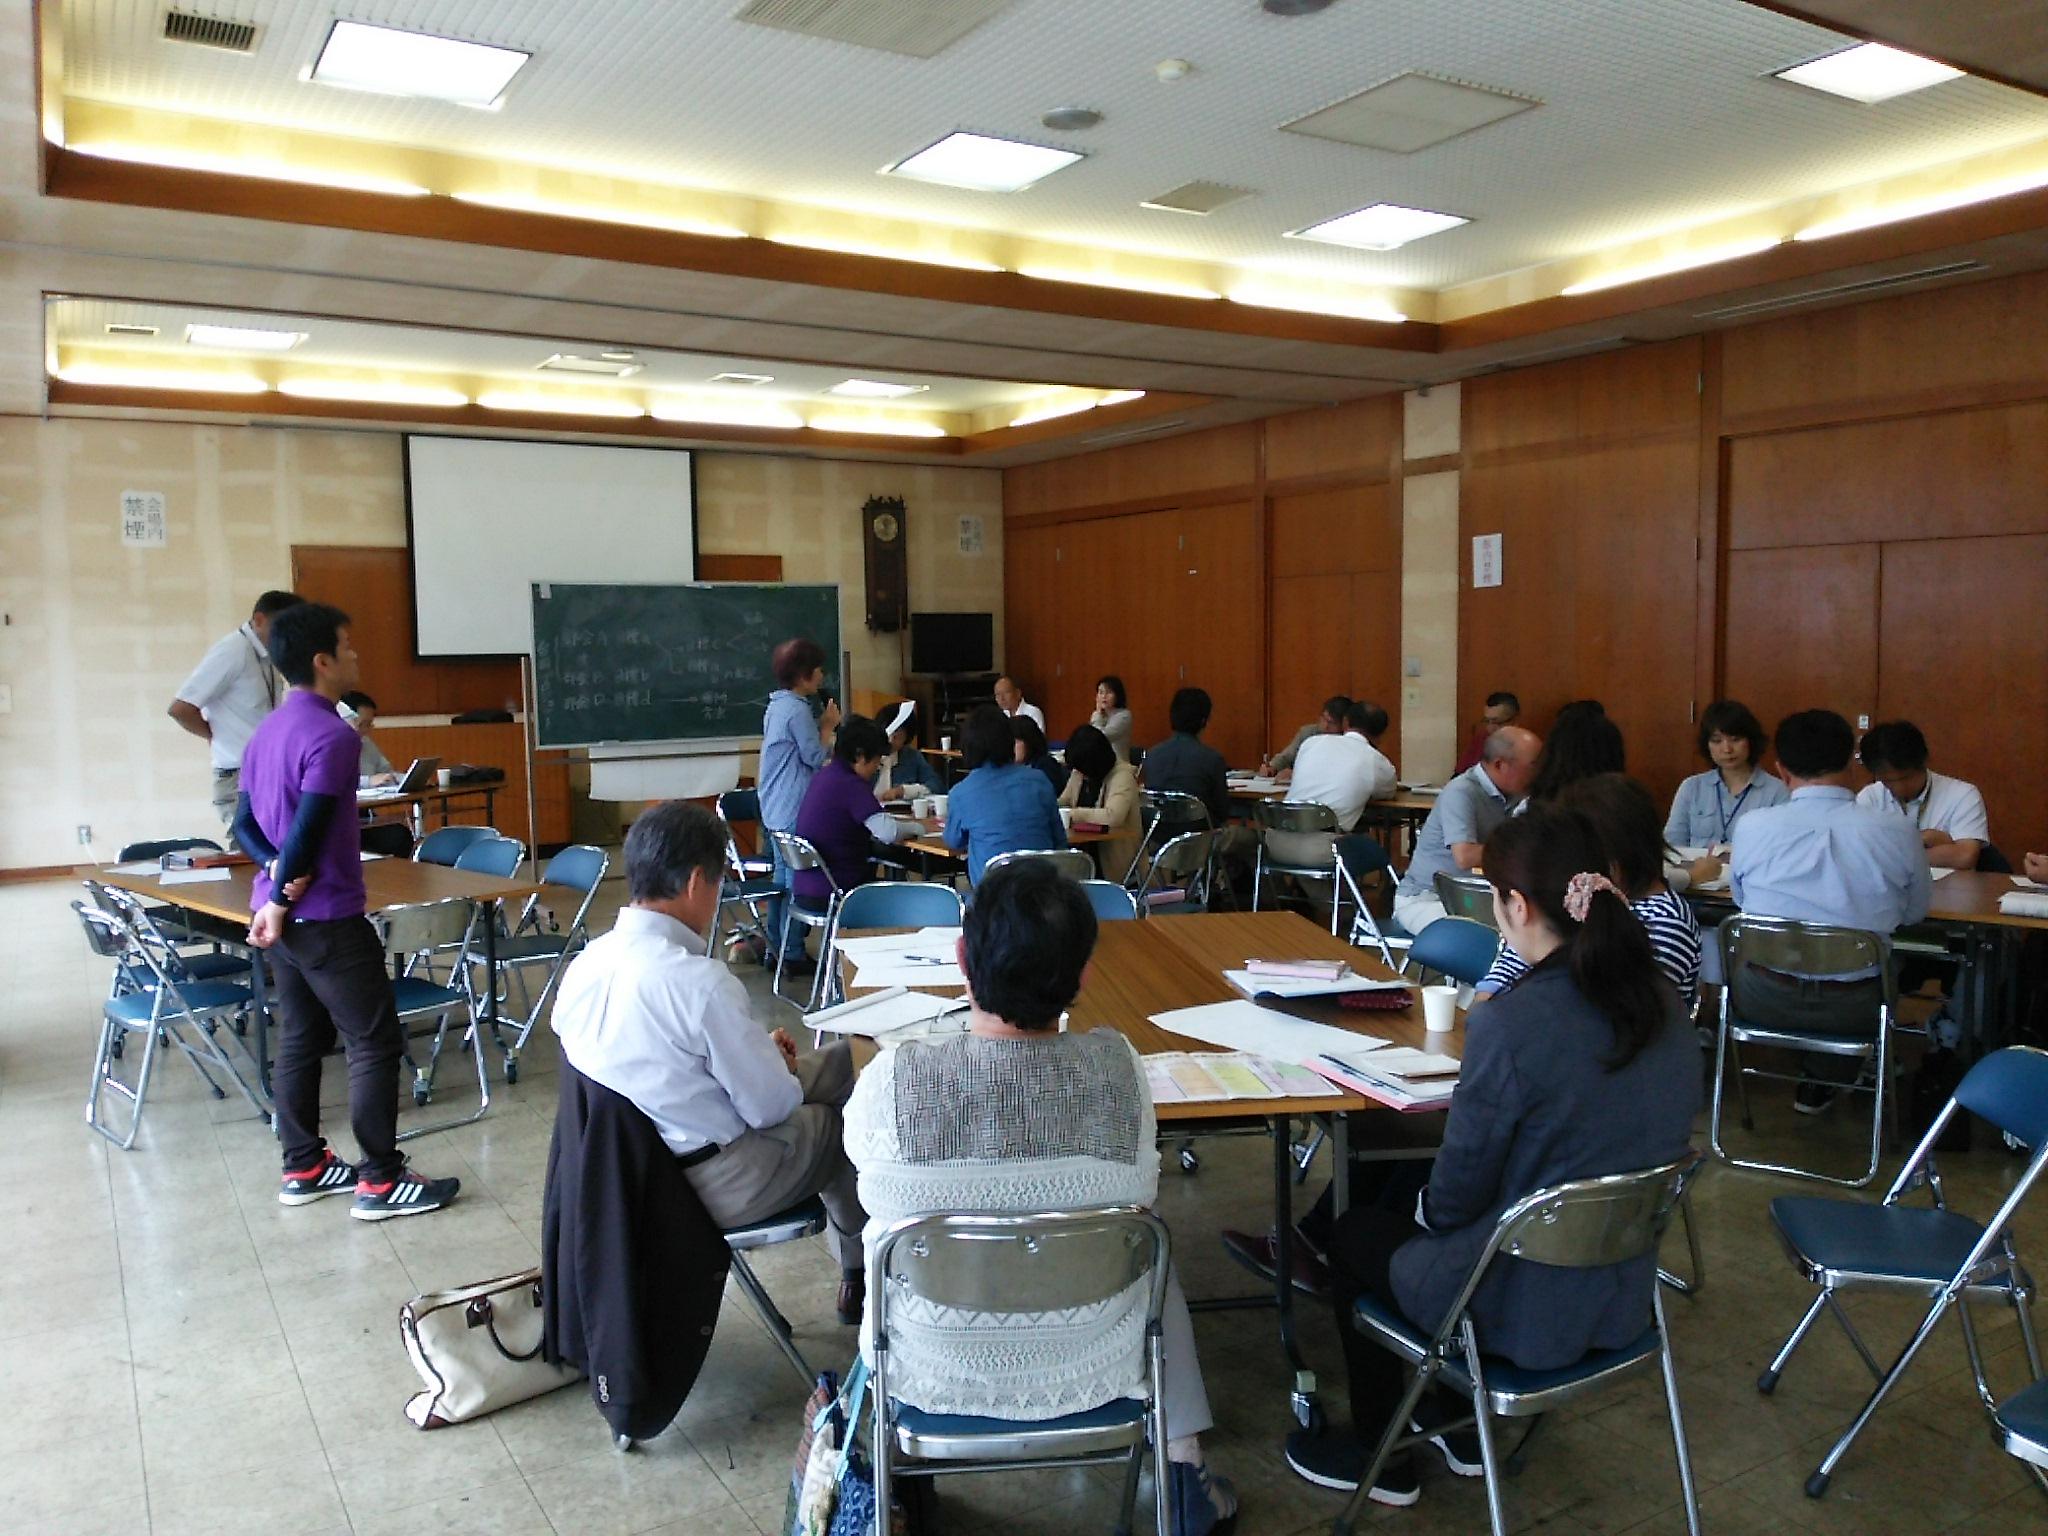 四万十町地域福祉活動計画推進委員会、開催